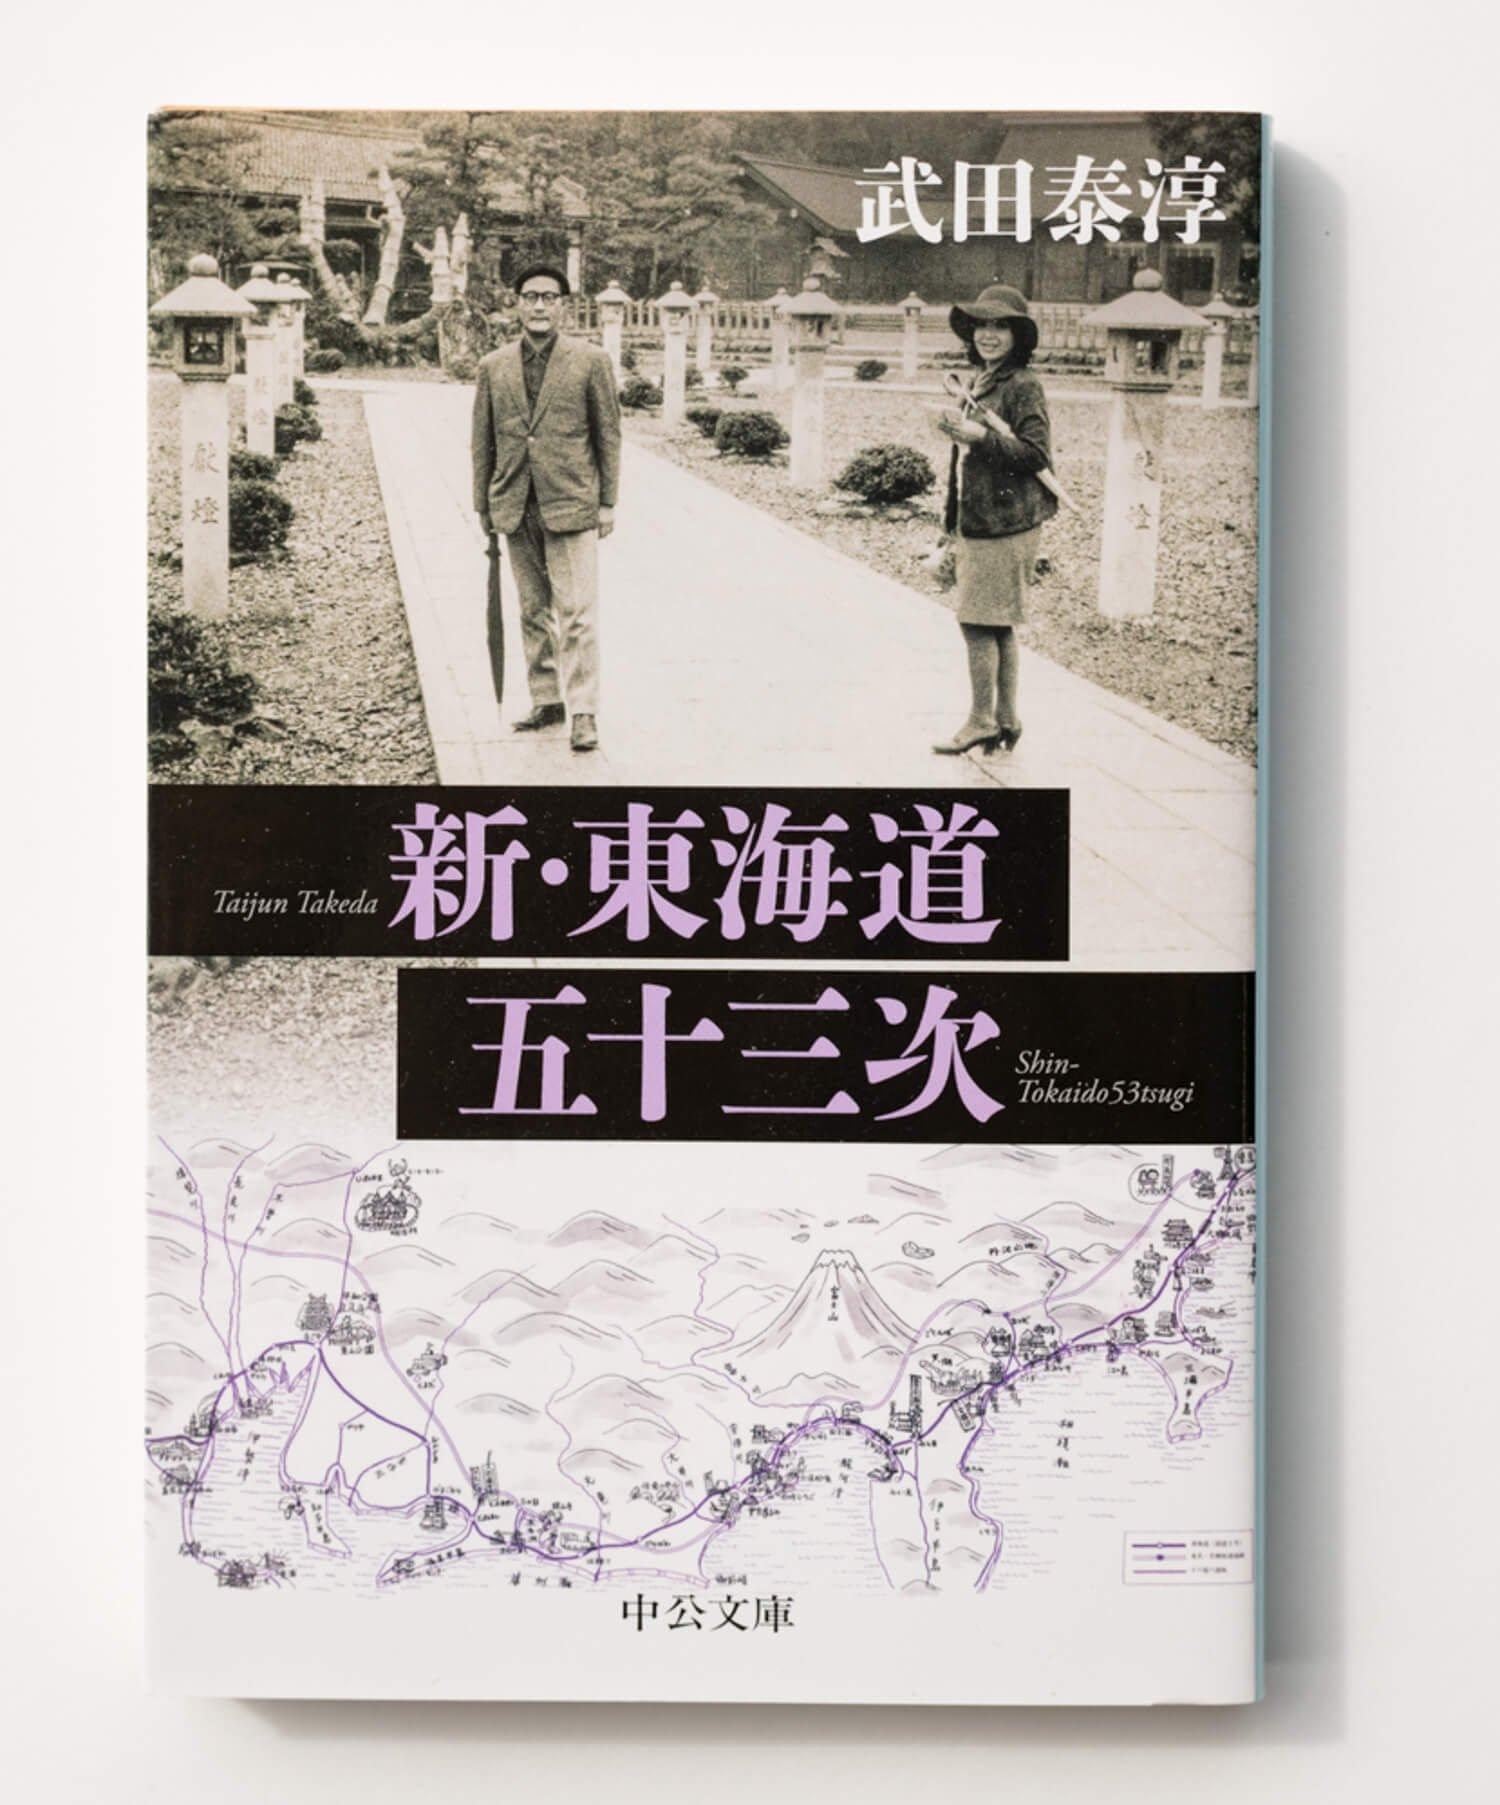 武田泰淳 著  中公文庫/2018年